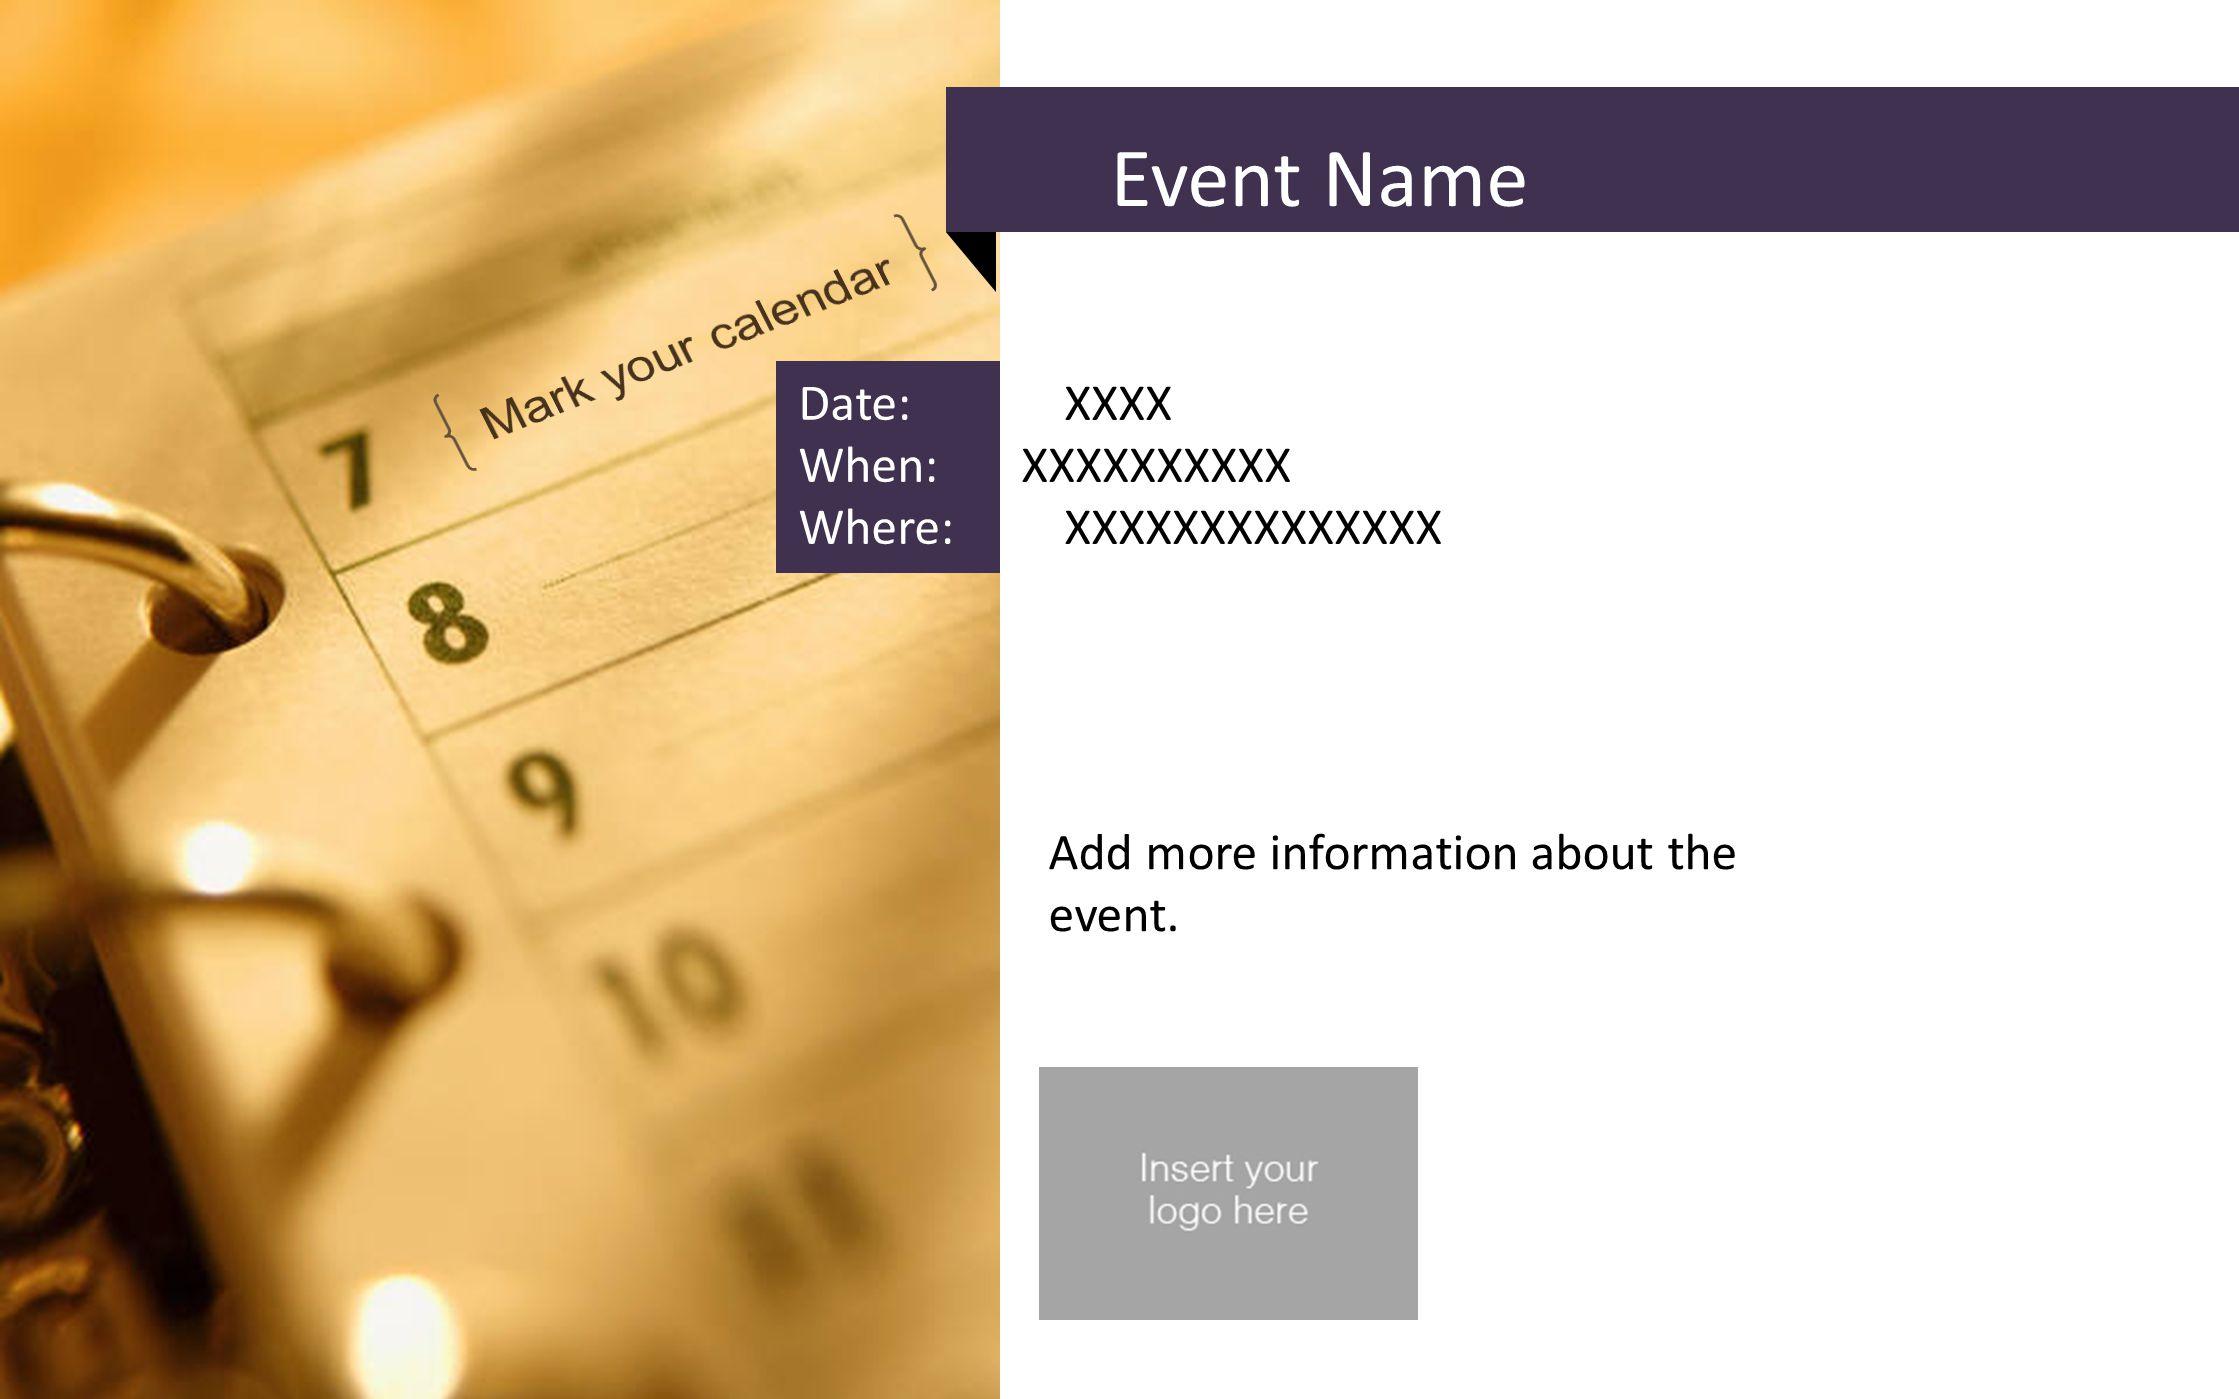 Event Name Date: XXXX When: XXXXXXXXXX Where: XXXXXXXXXXXXXX Add more information about the event.